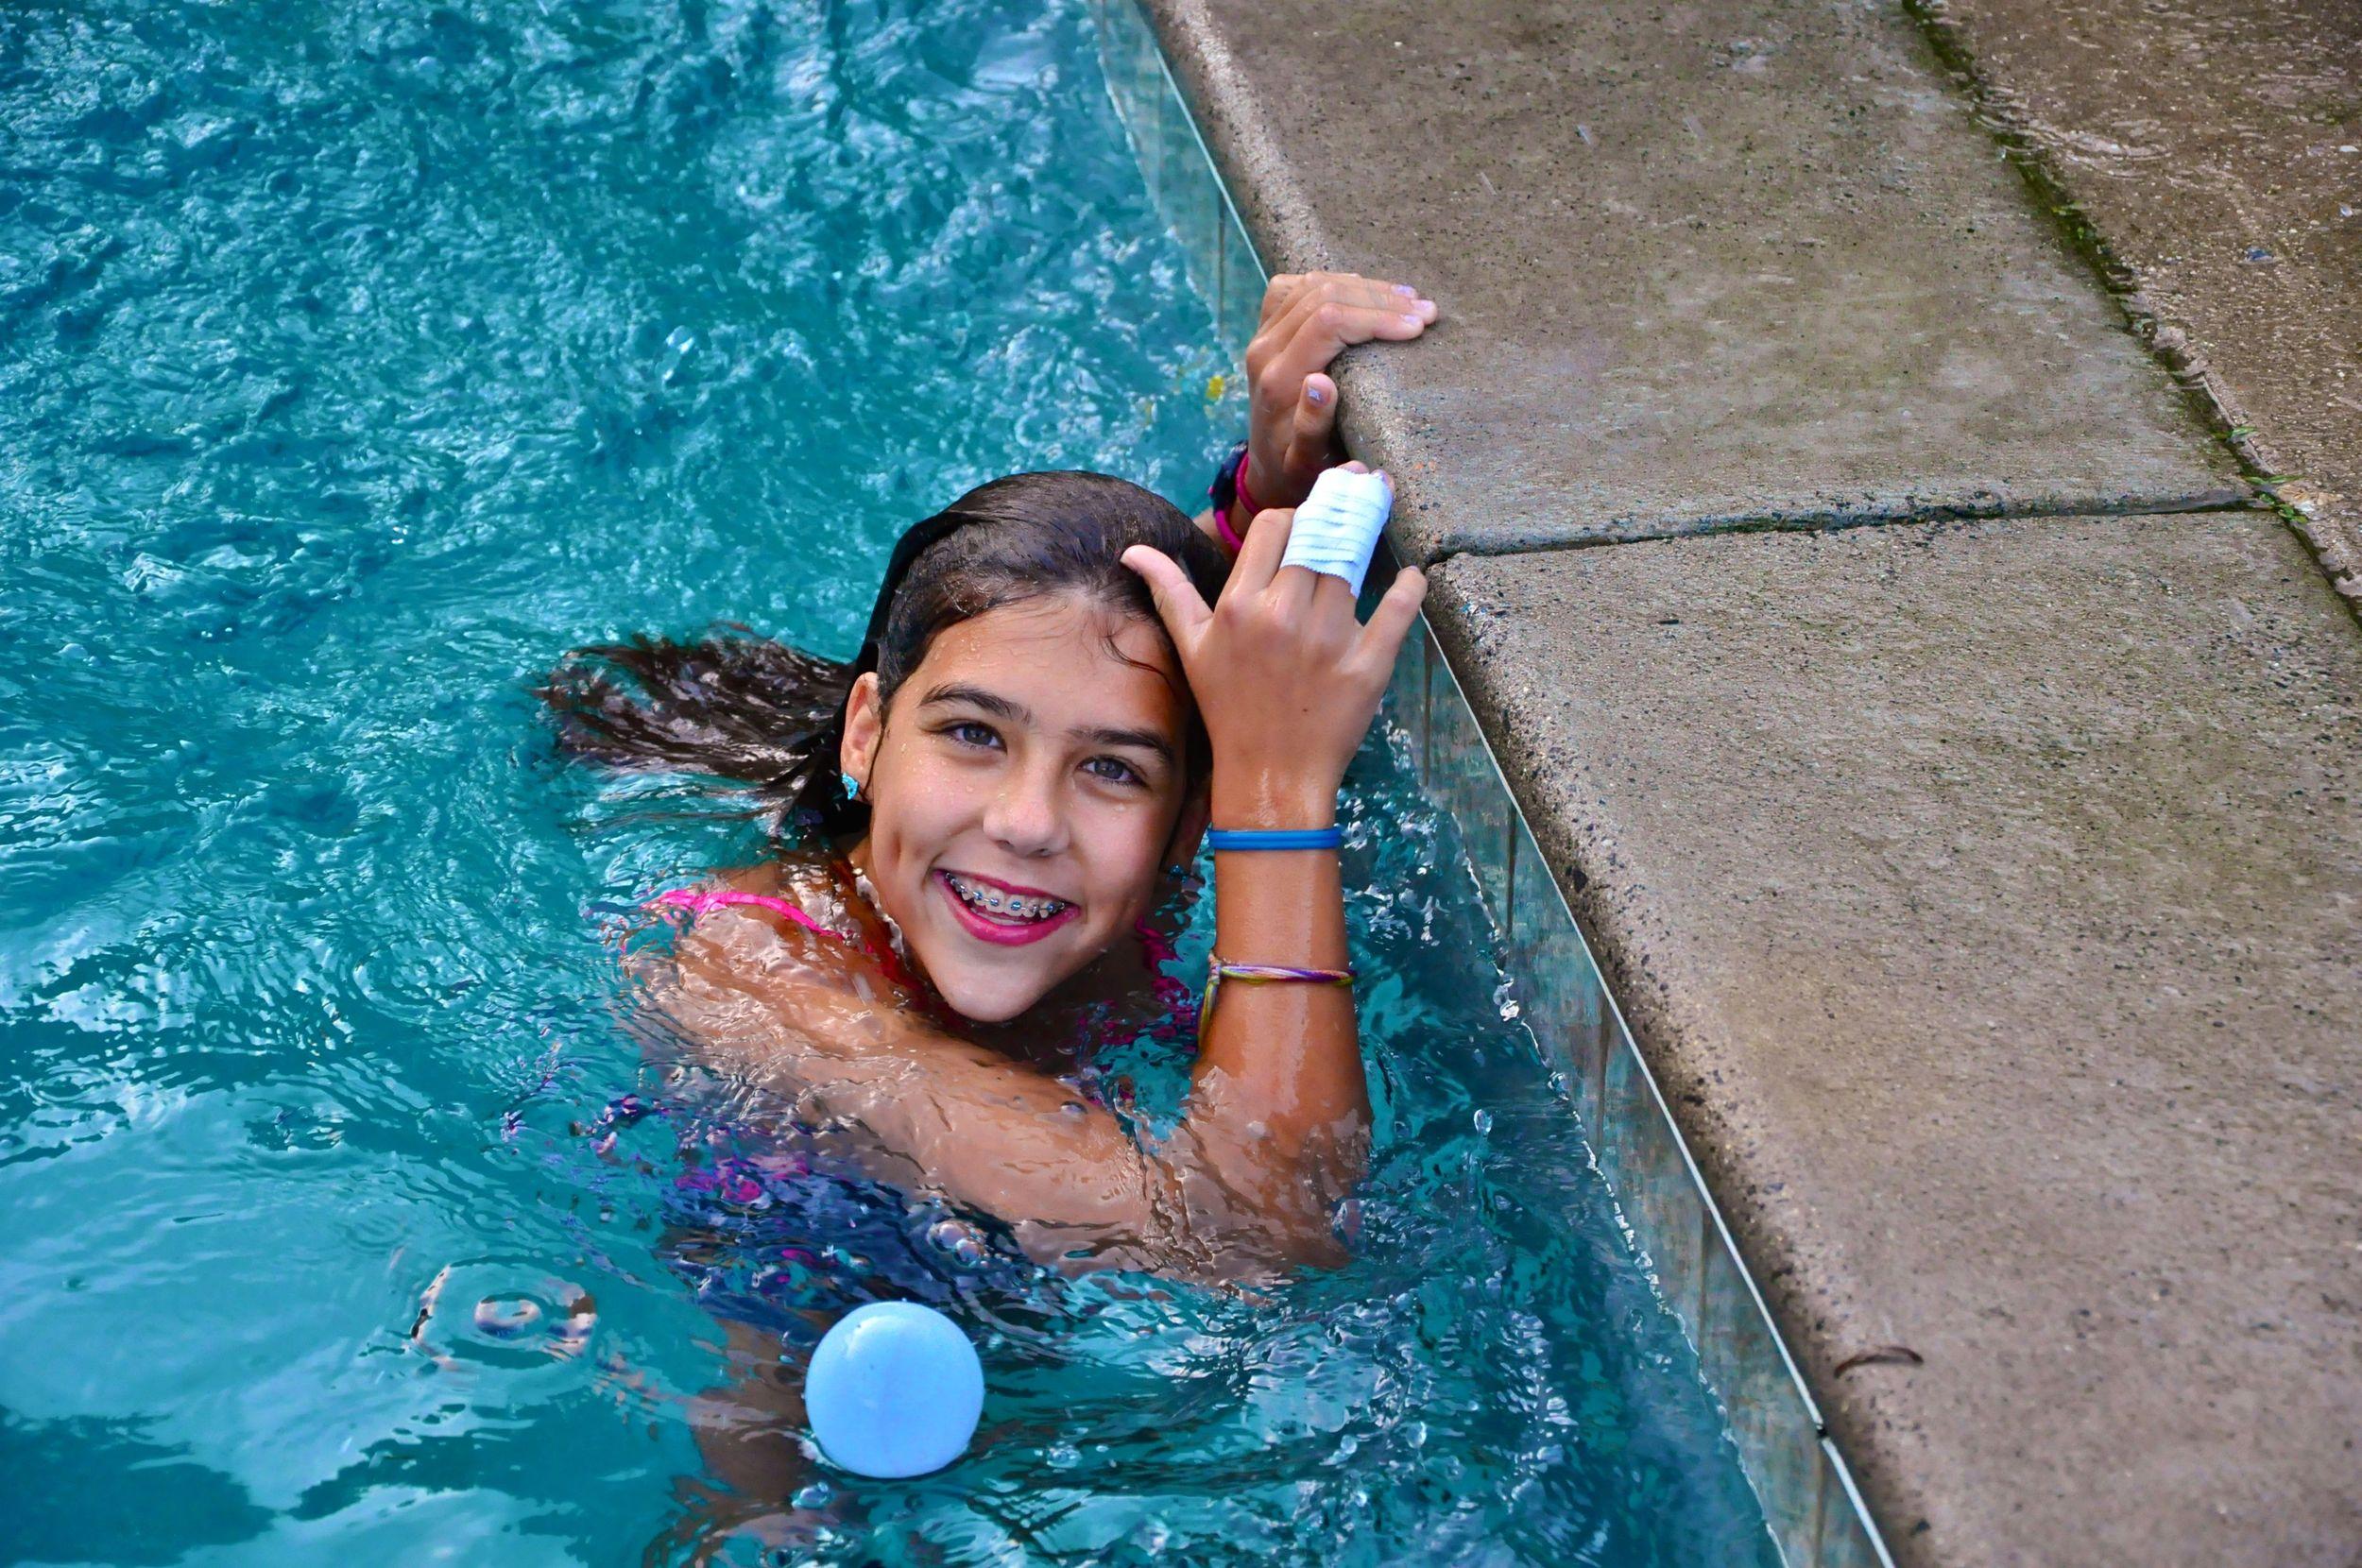 emma-enjoys-a-free-swim-regardless-of-her-jammed-finger.jpg